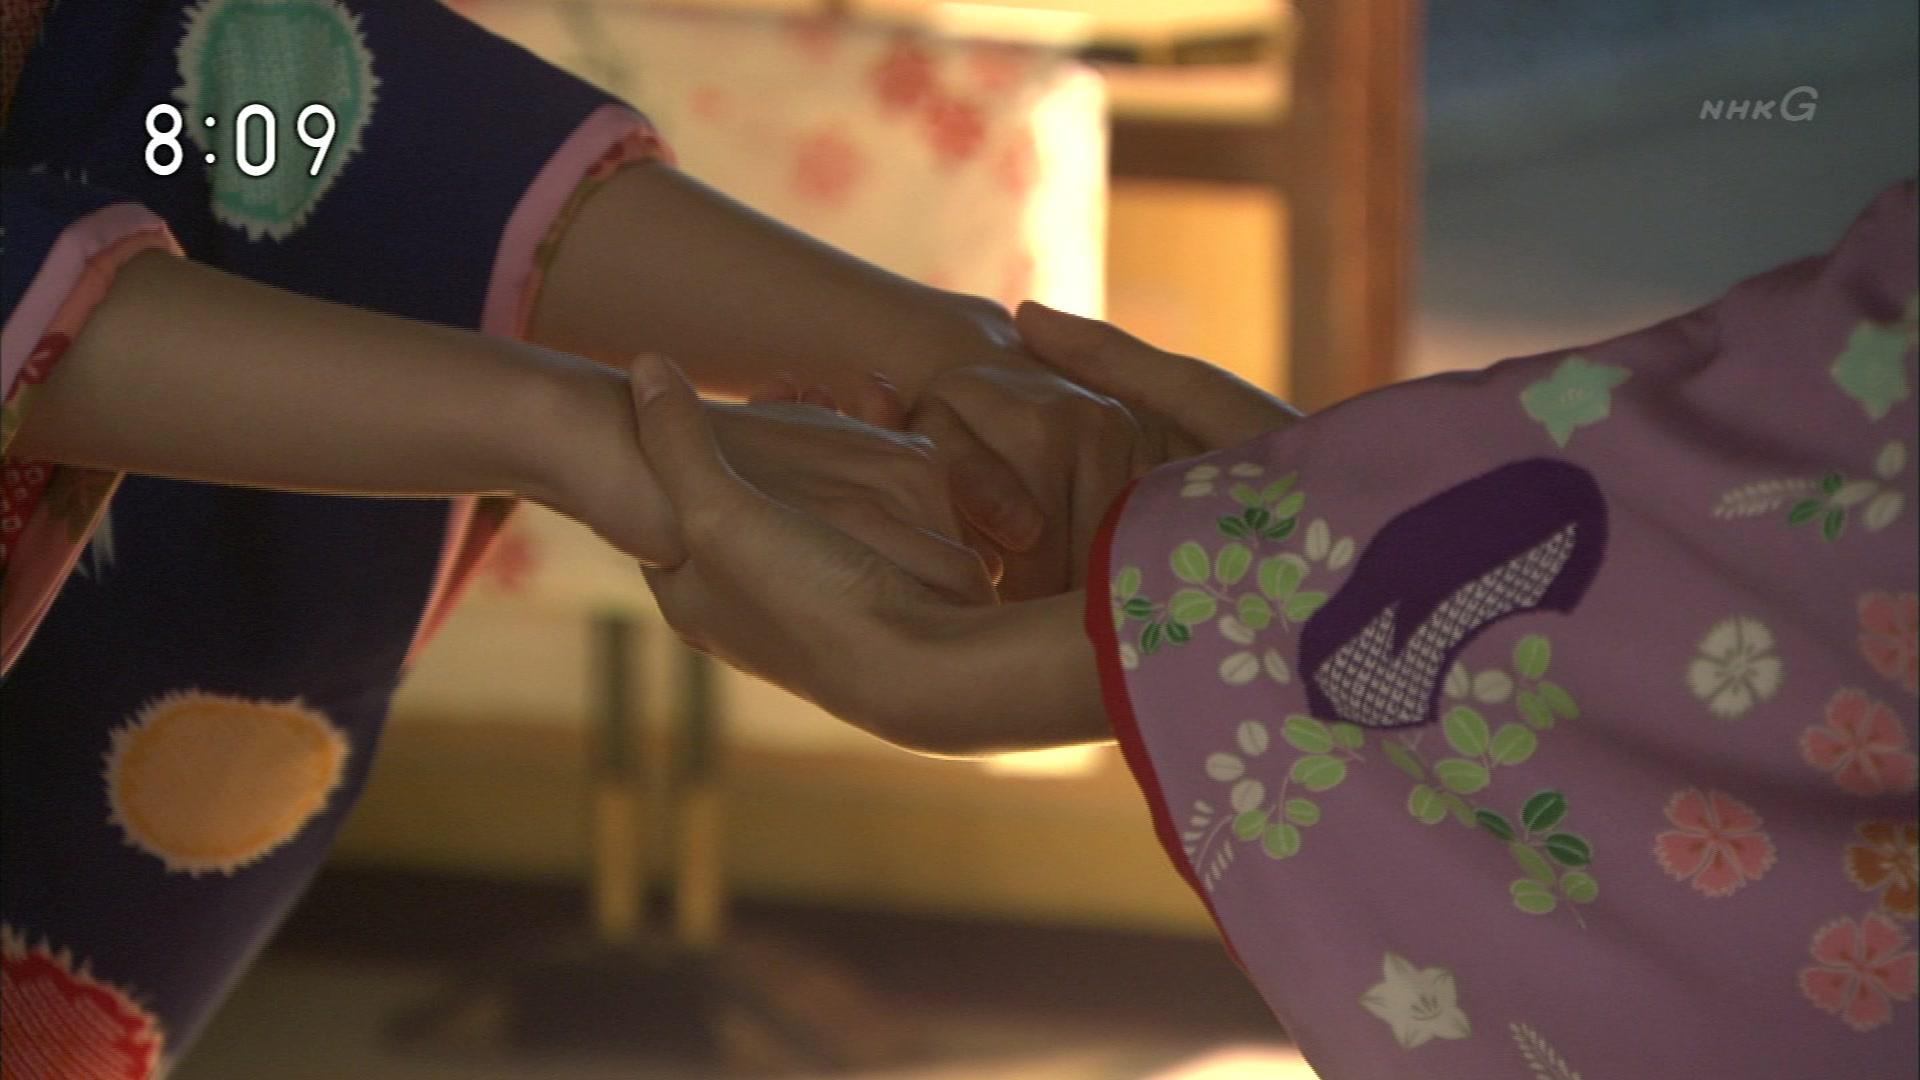 2015-10-09 08:00 連続テレビ小説 あさが来た(11)「ふたつの花びら」 1764